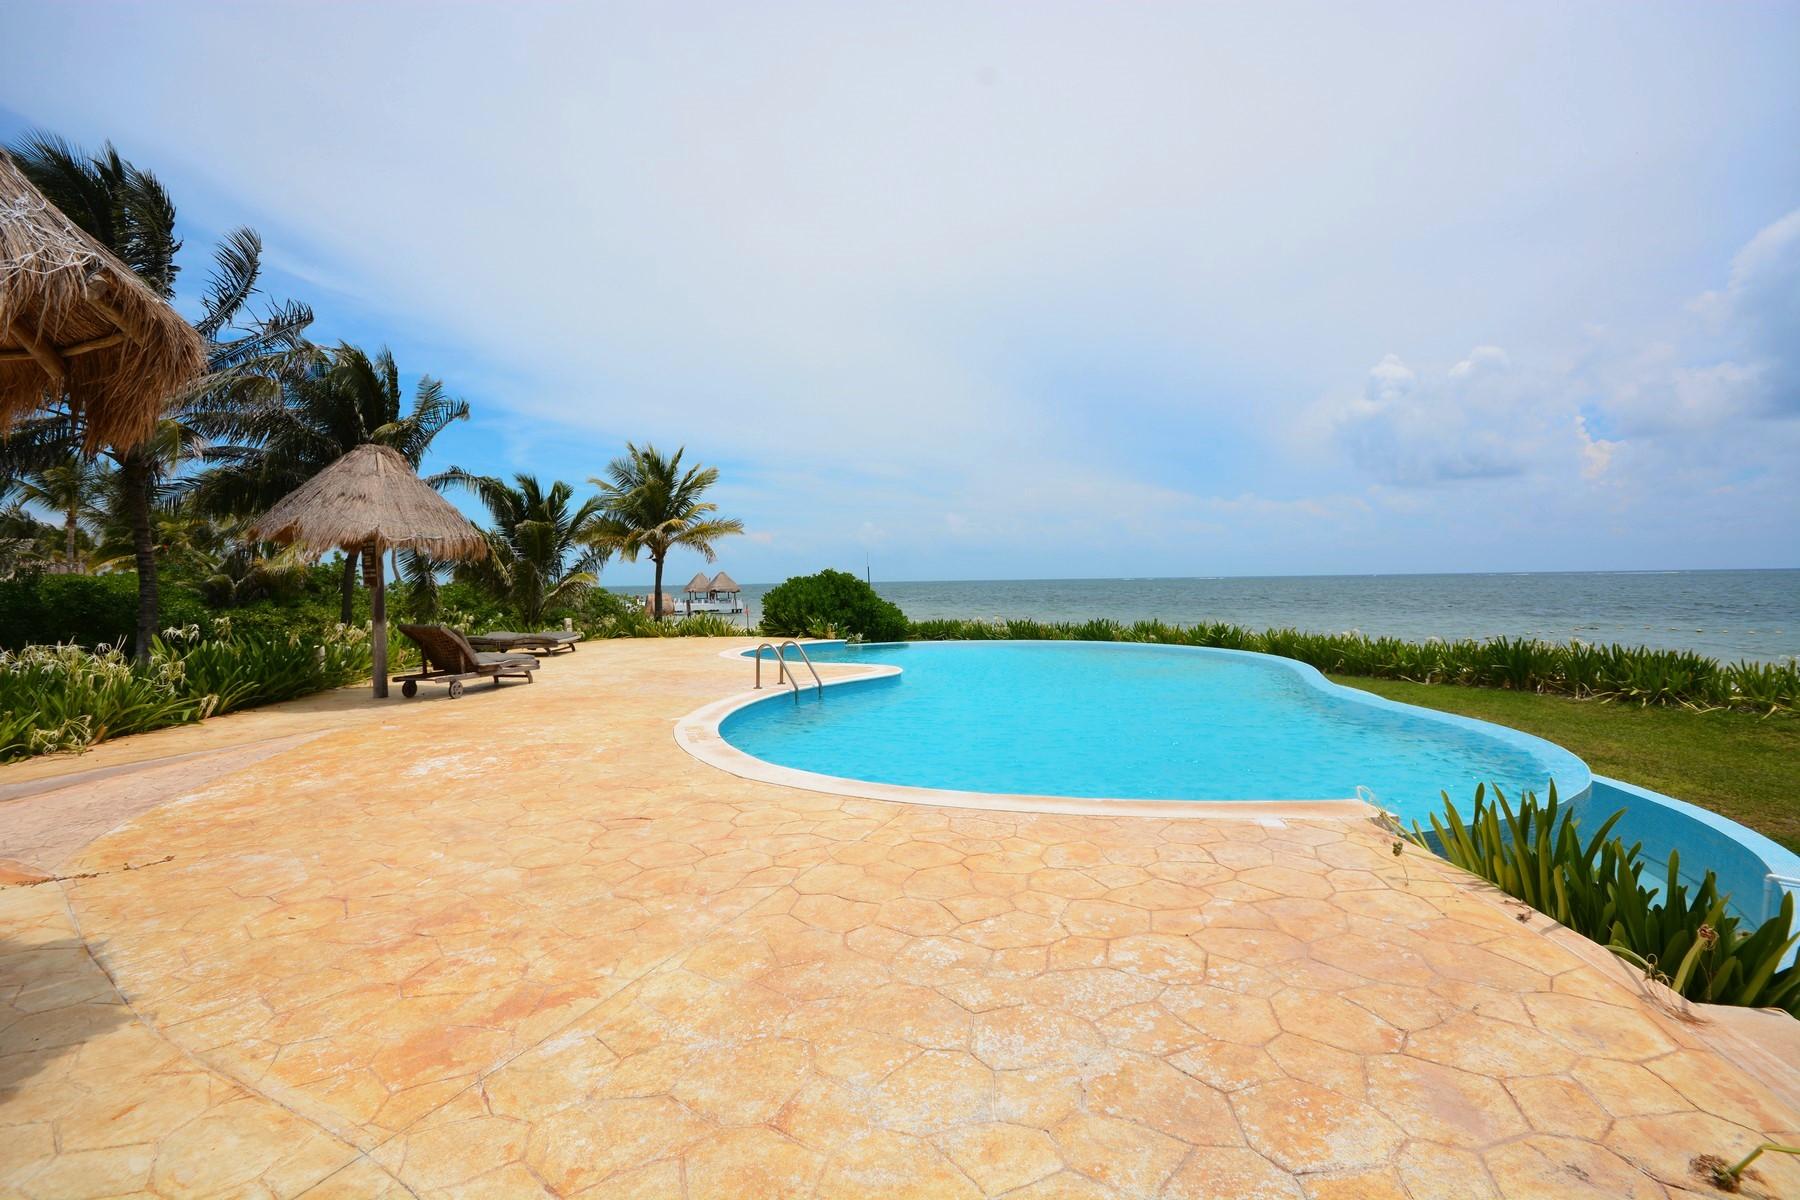 Single Family Home for Sale at SOL VILLAGE Villa Del Sol SM-11 MZ-05 L-1 Puerto Morelos, 77580 Mexico